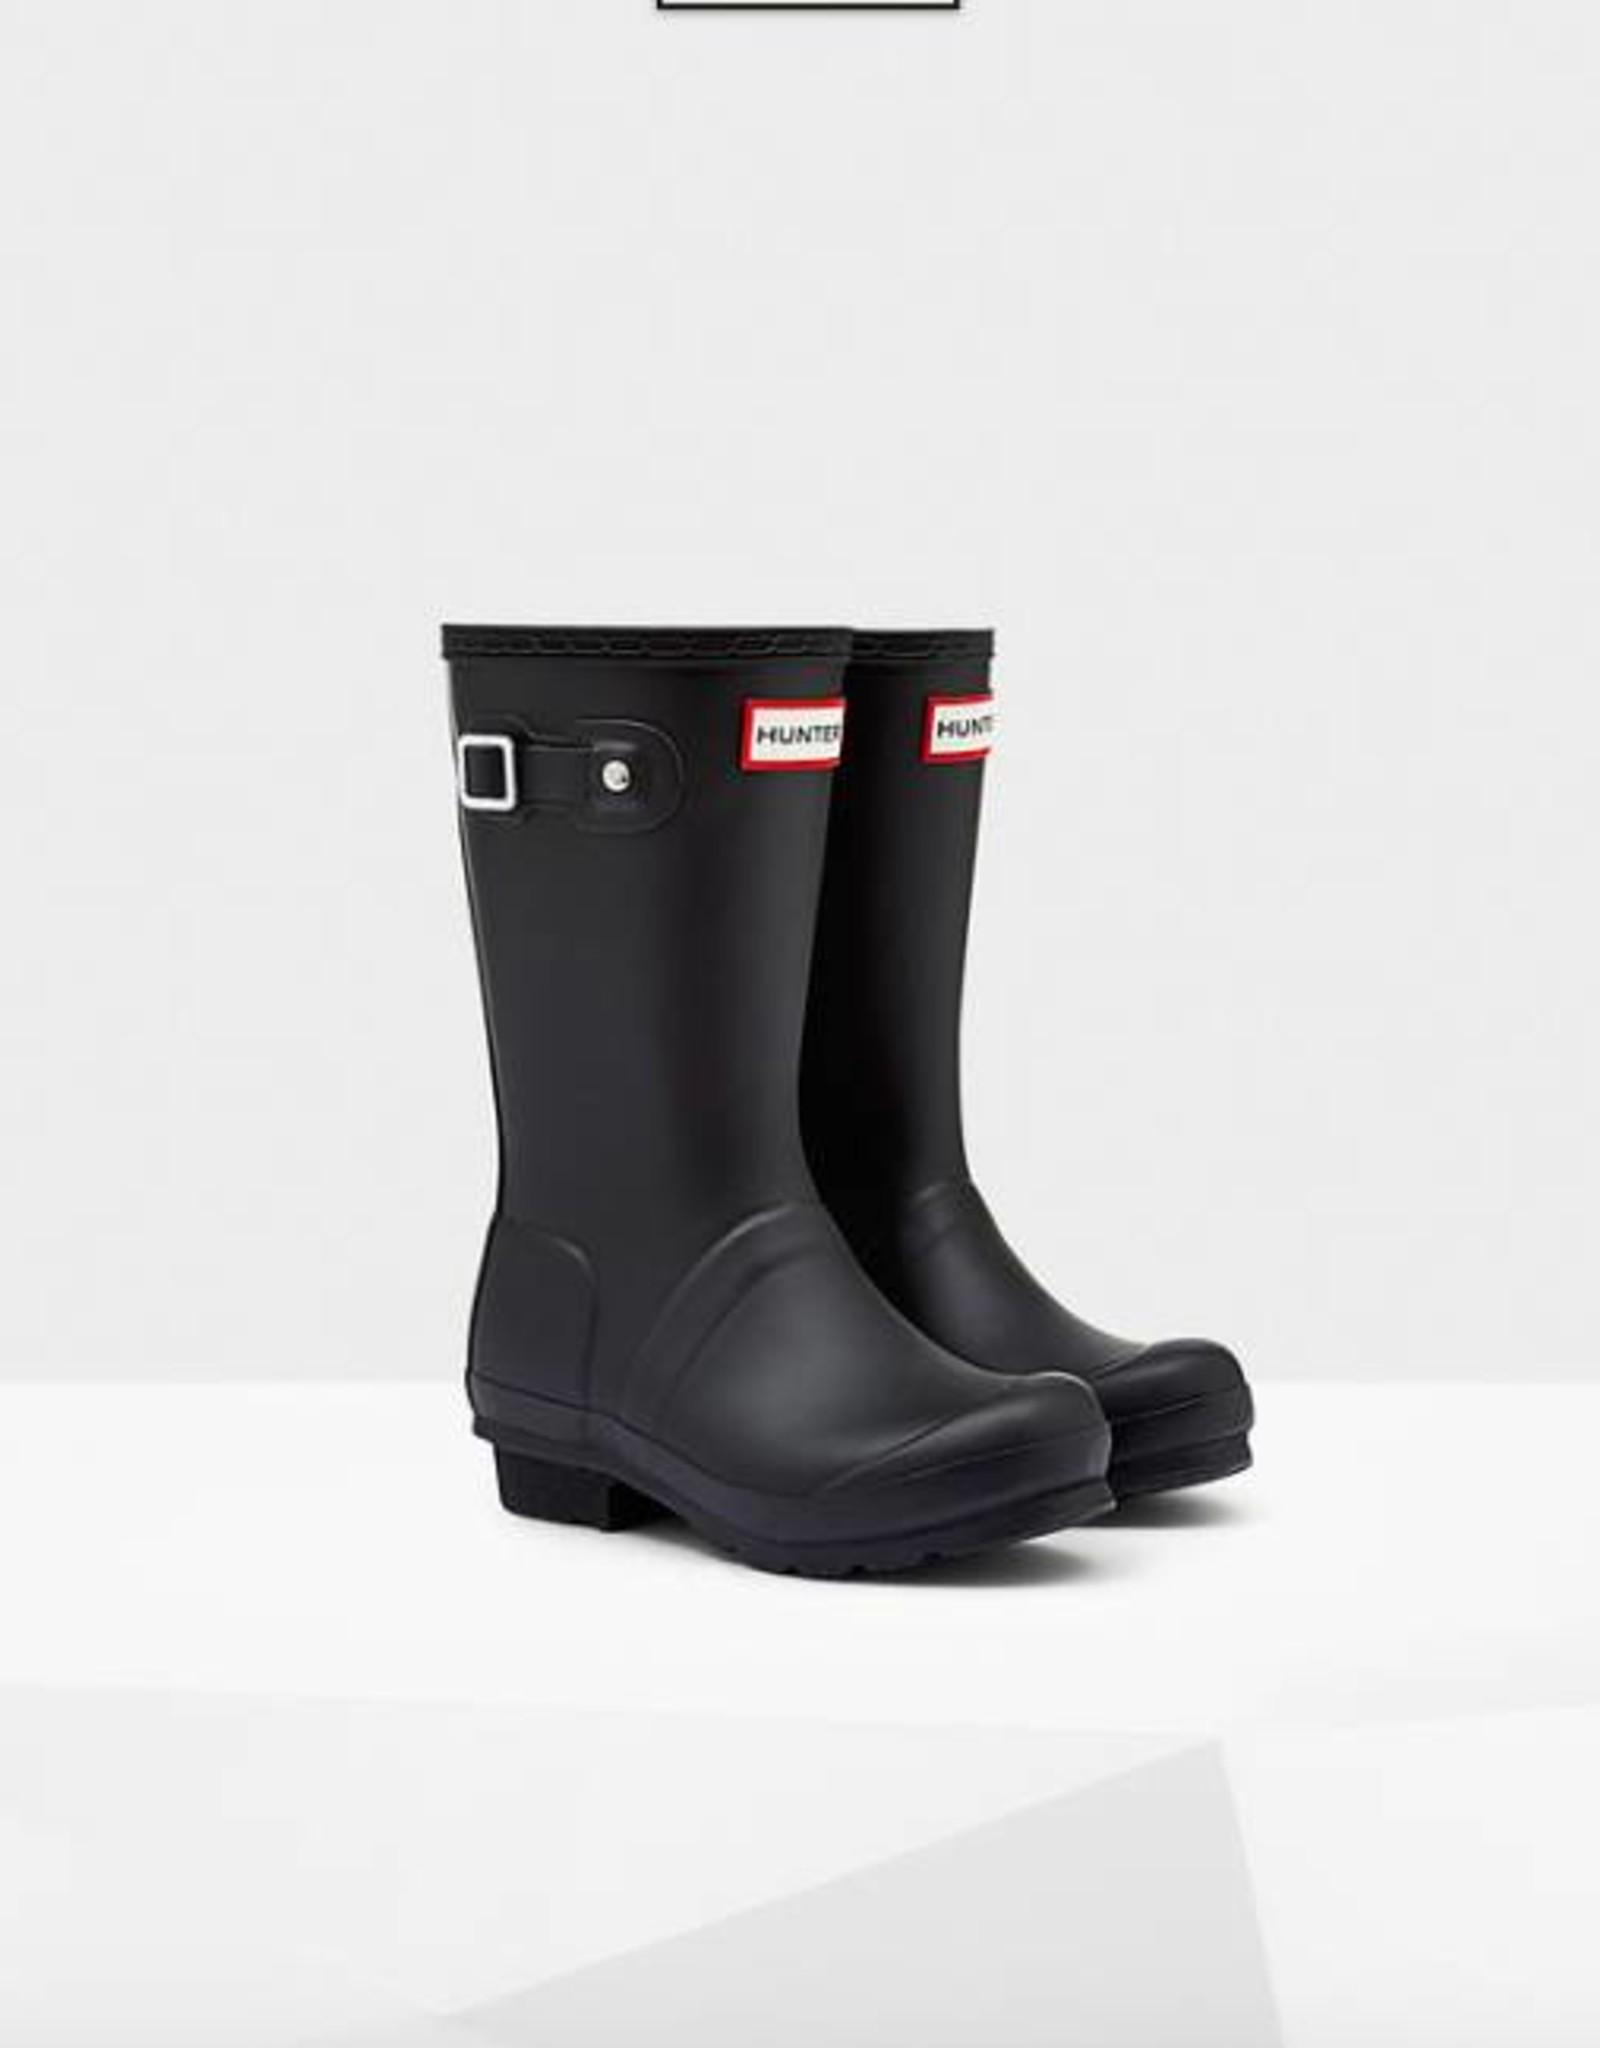 Original kids rain boots - Tall